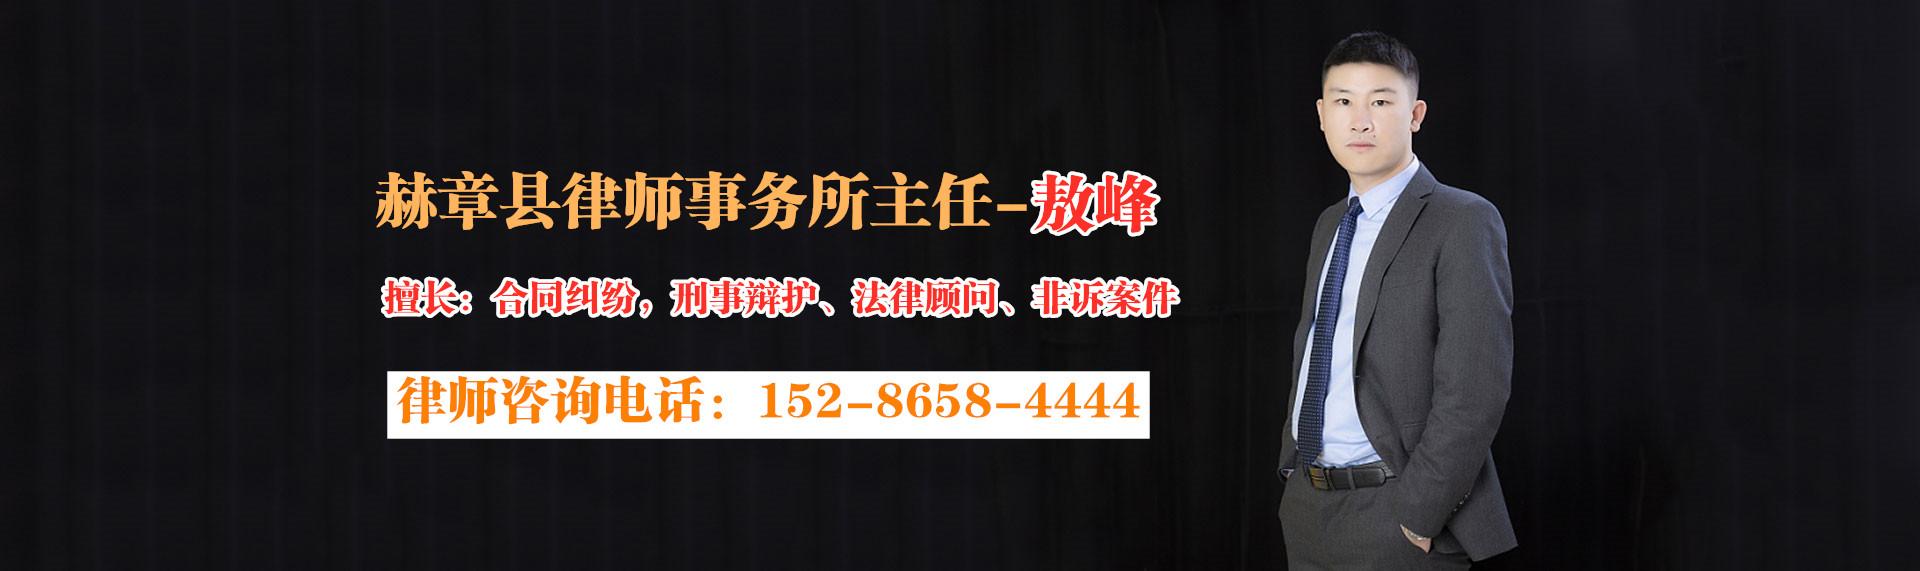 赫章律师敖峰律师:竭诚保护当事人合法权益